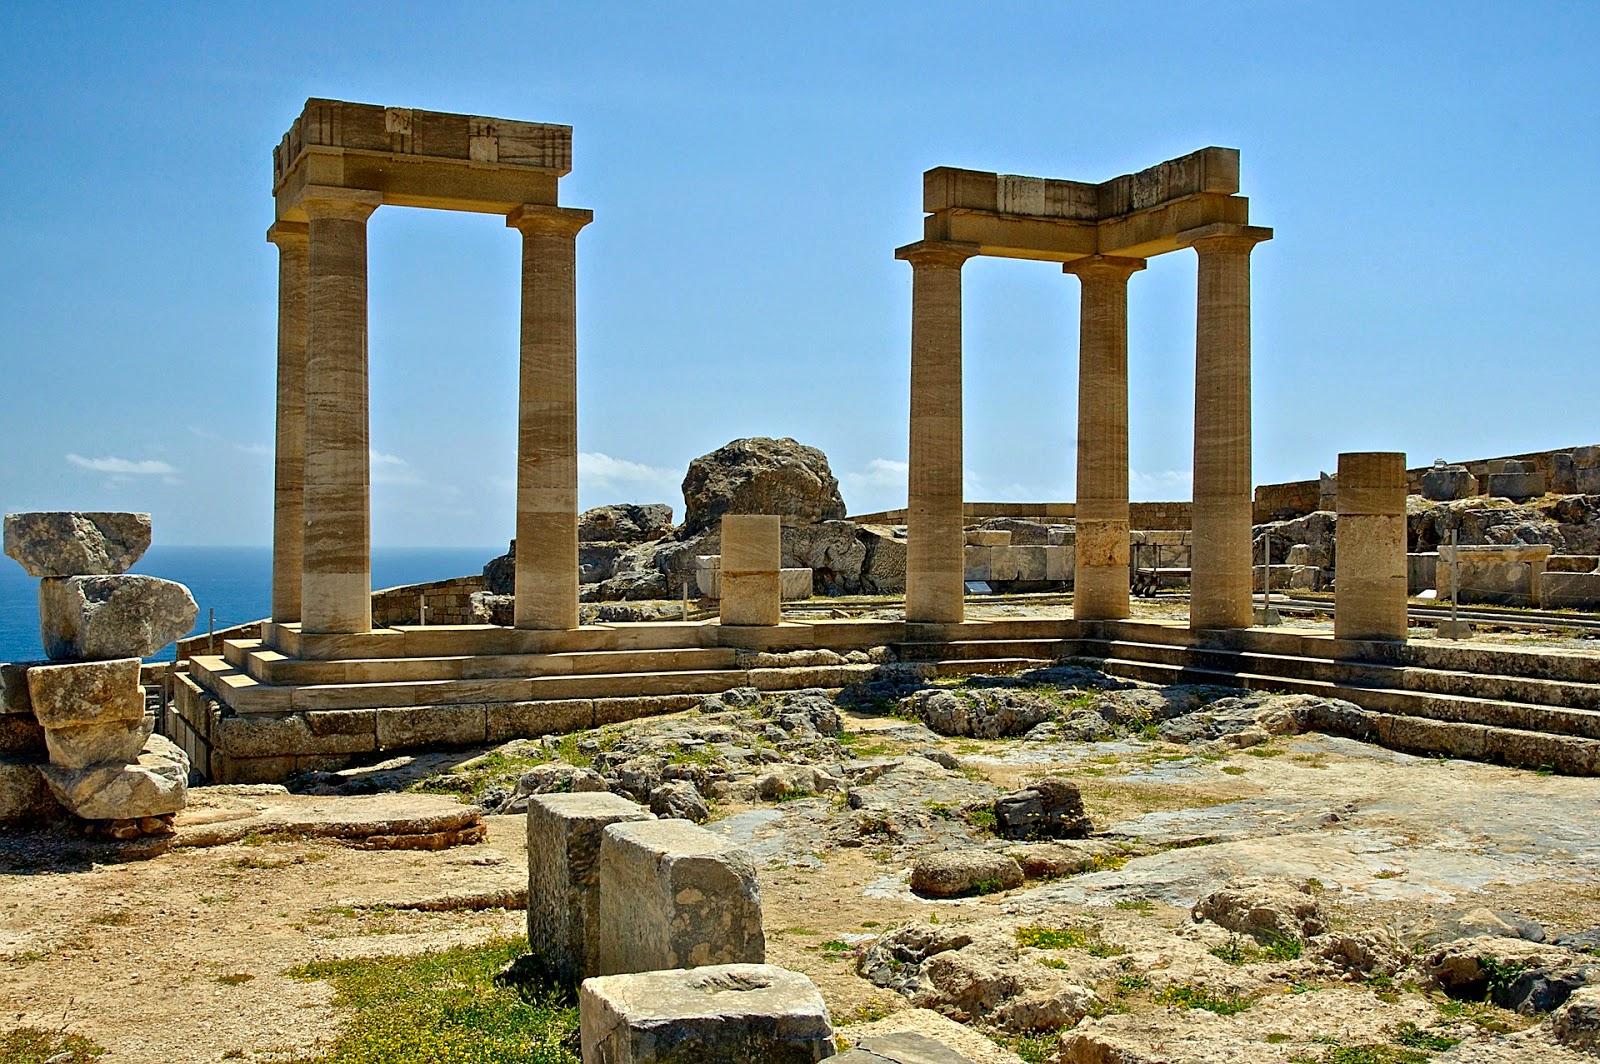 http://pixabay.com/en/rhodes-greece-temple-of-athena-106237/